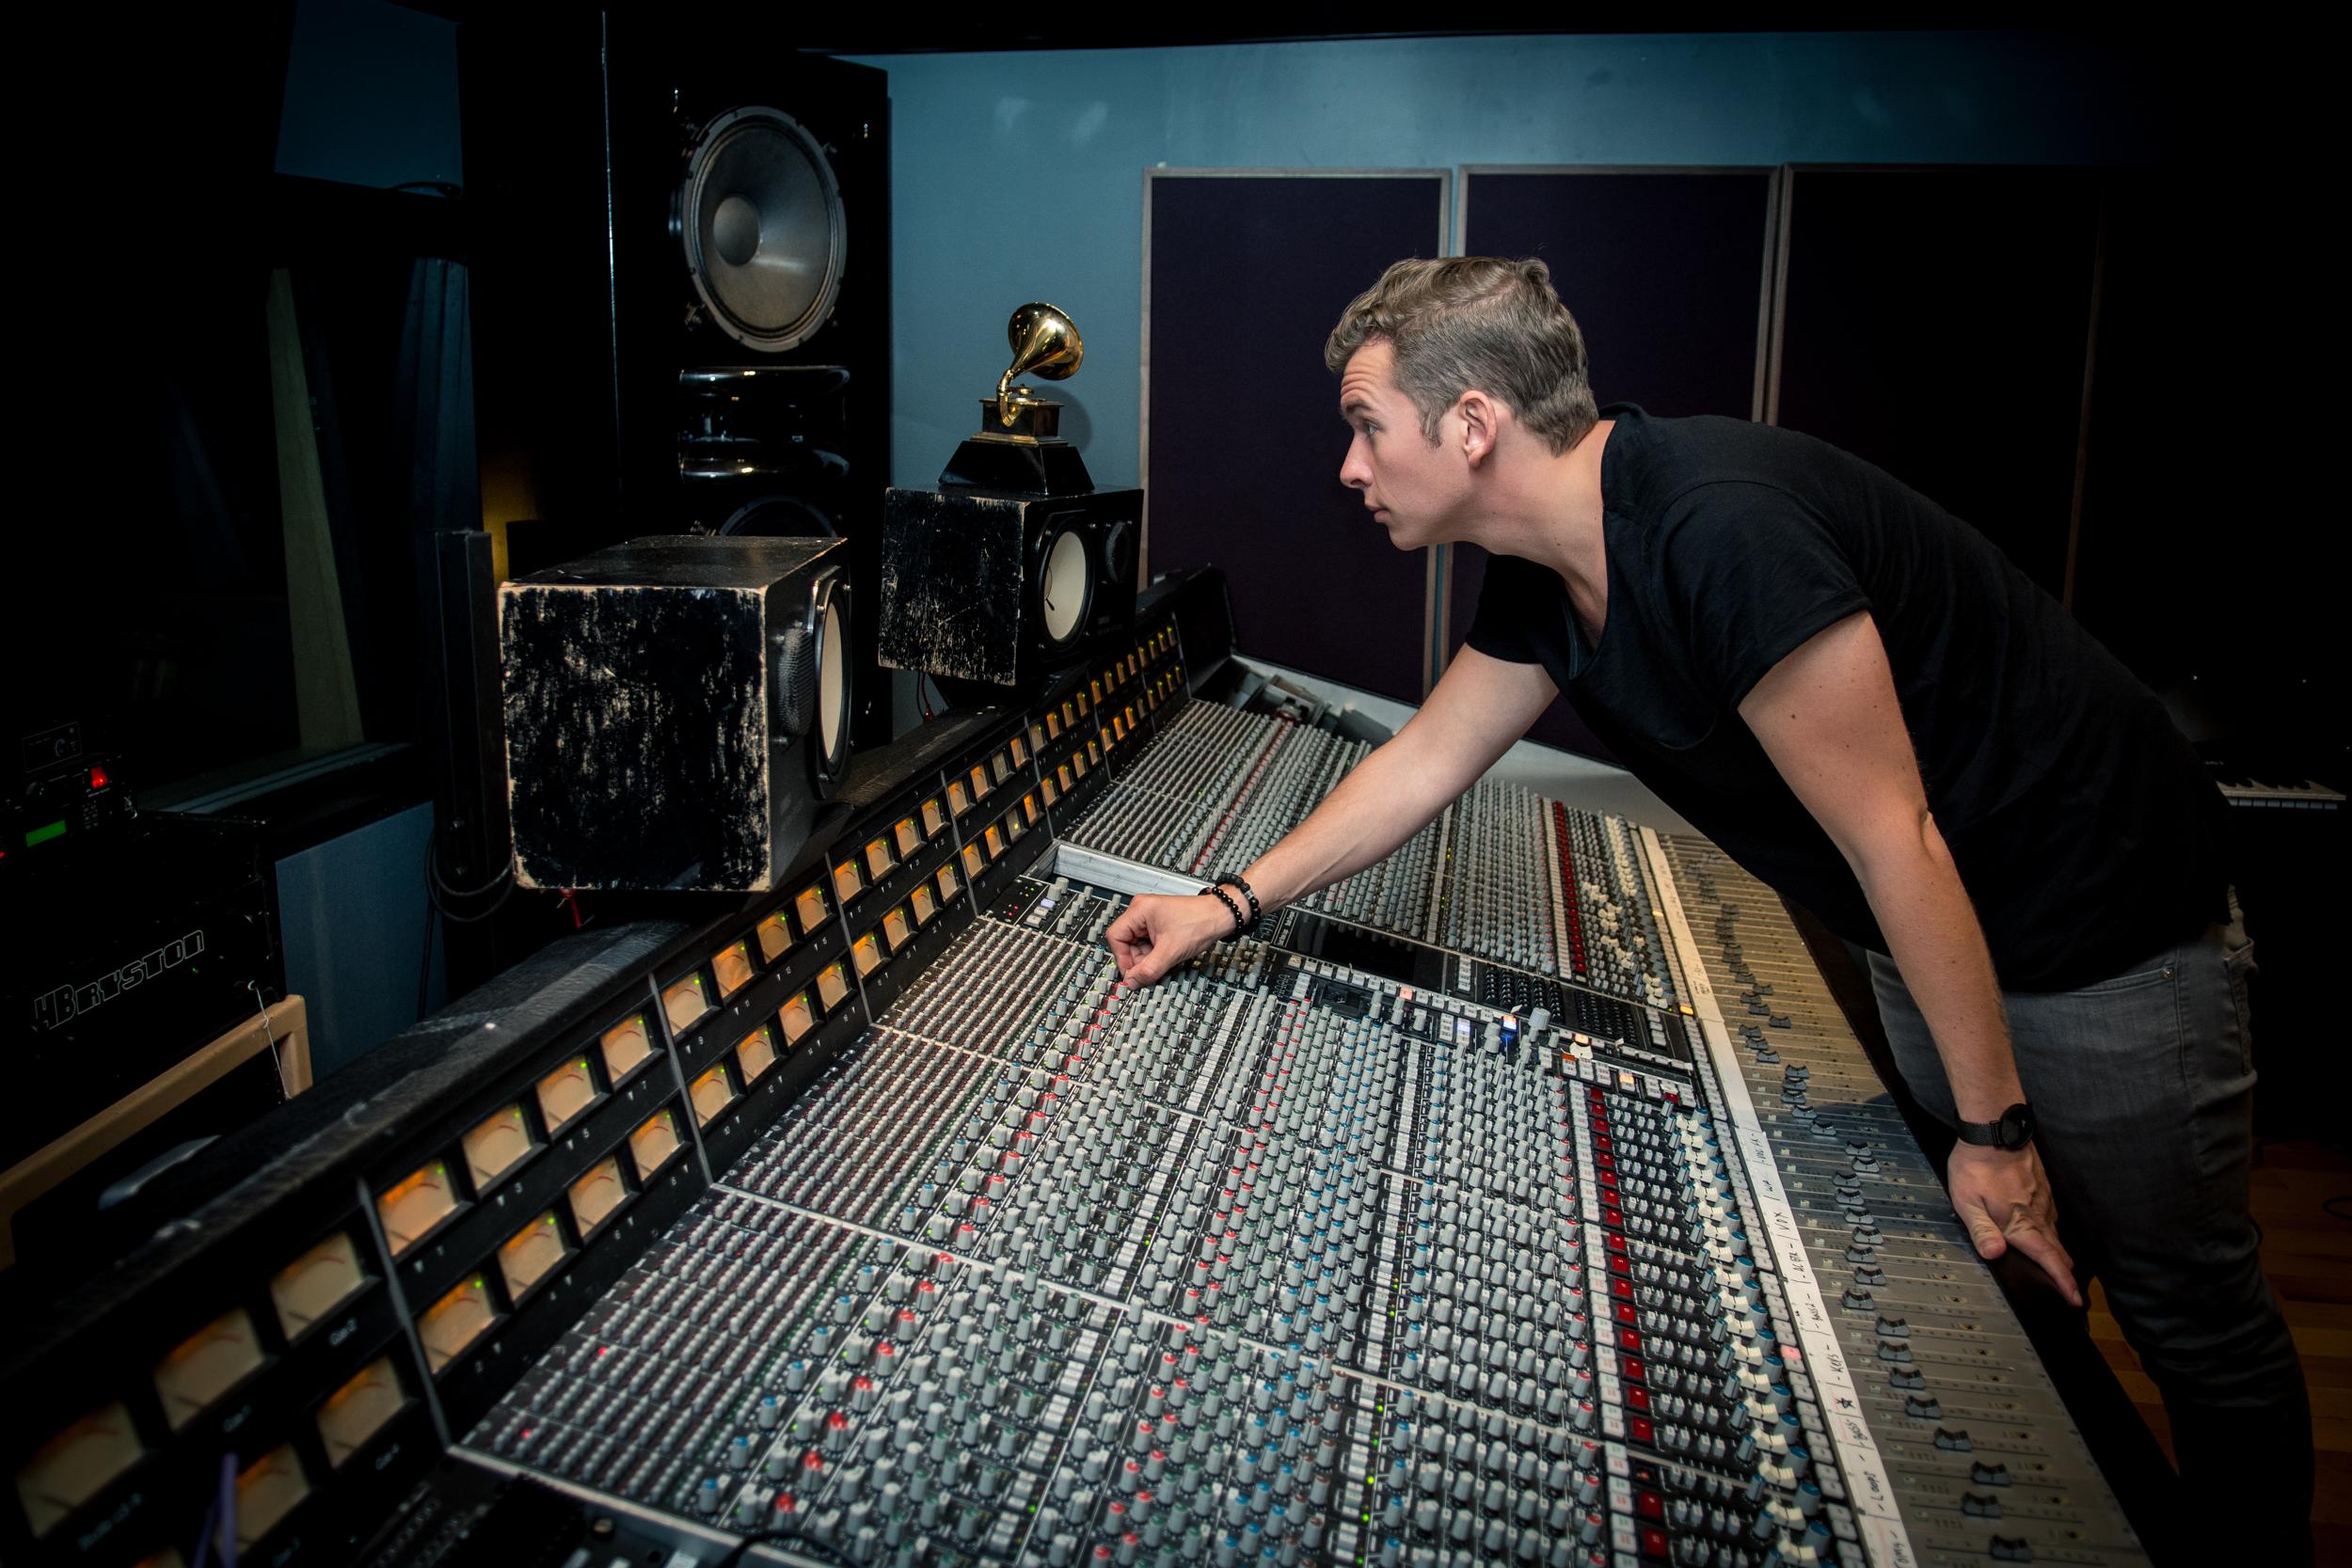 Music Producer Peder Etholm-Idsoee shot by Alex Winter